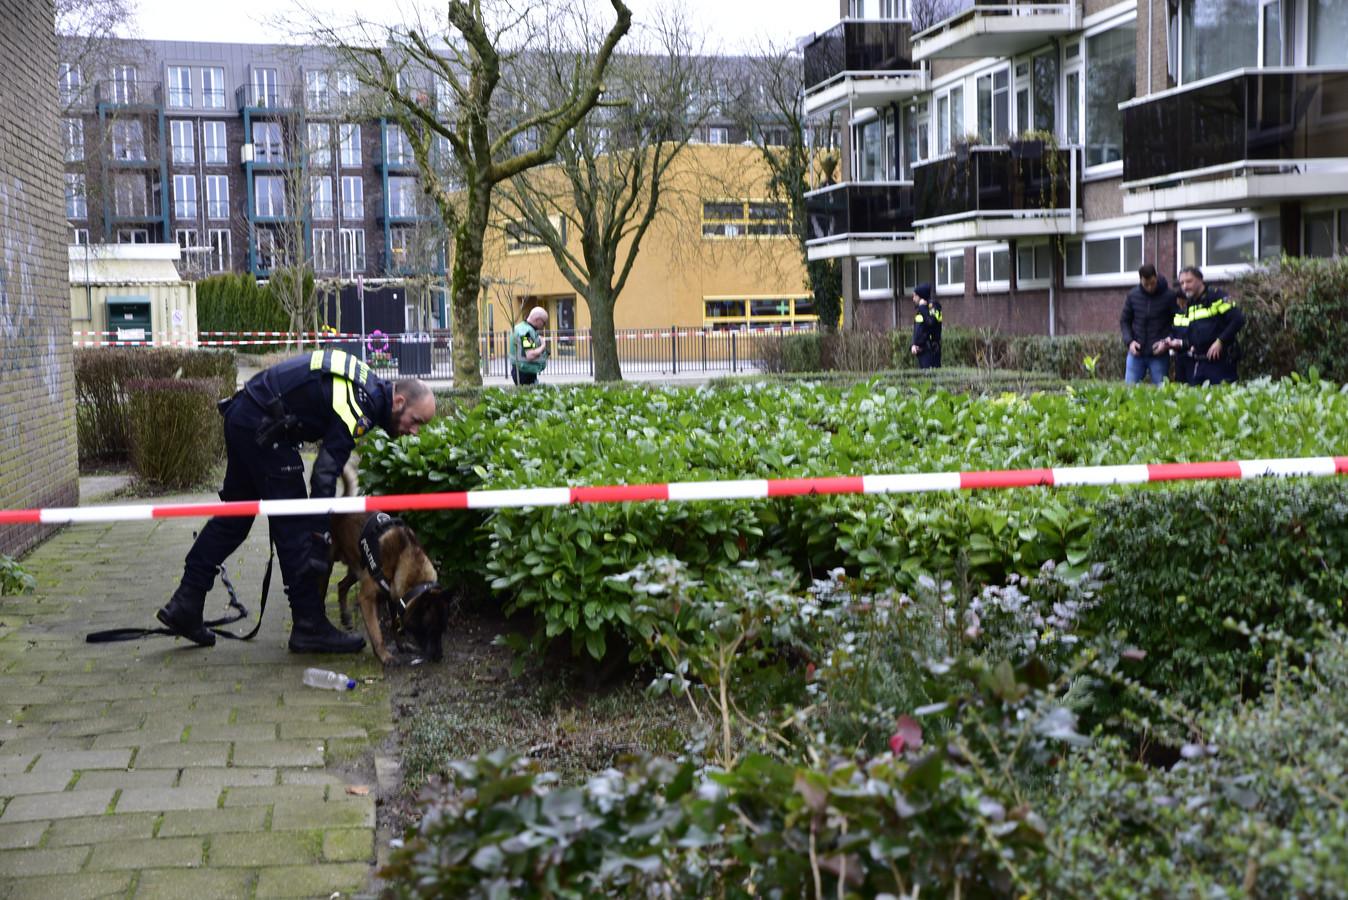 De politie doet onderzoek in de buurt van de school.